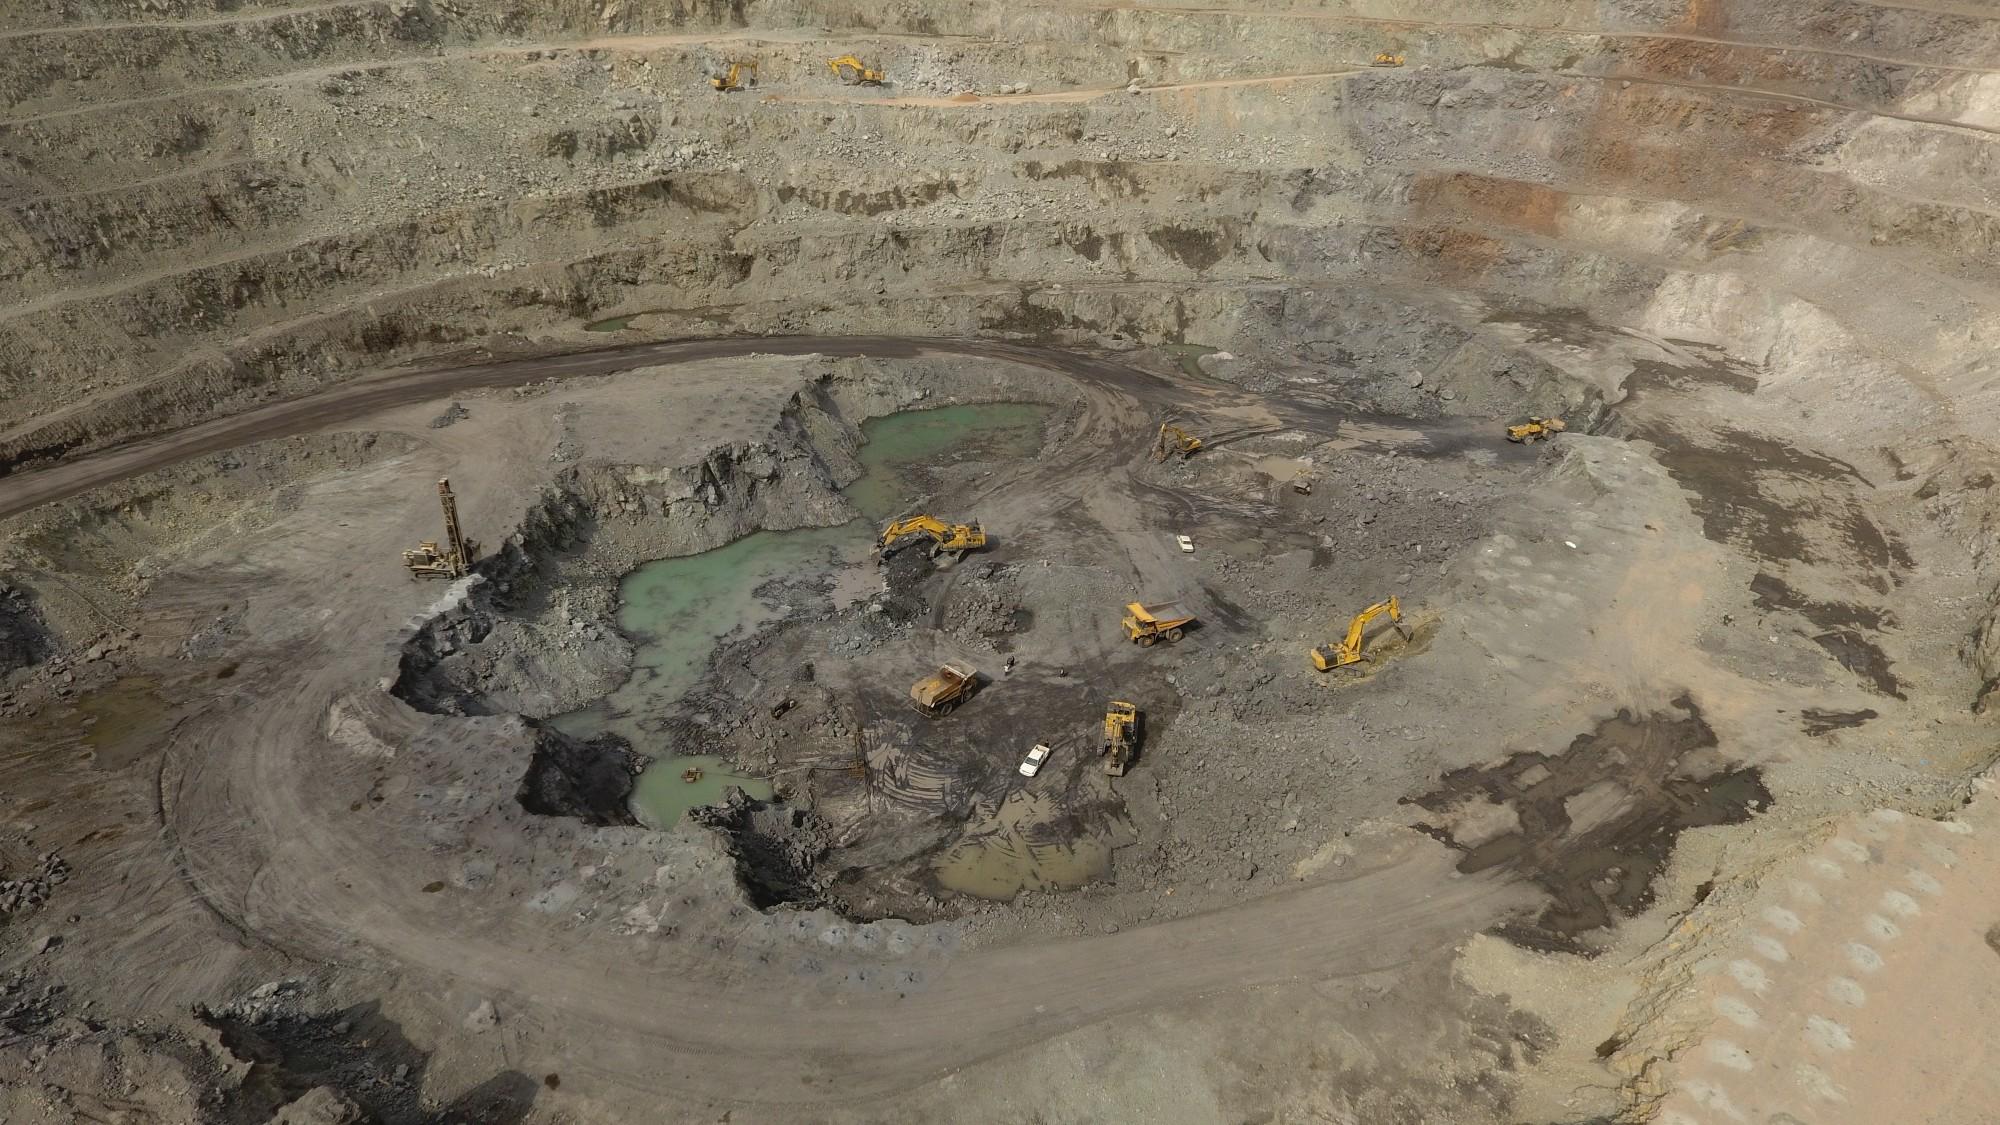 پایان خام فروشی سنگ آهن با تکمیل زنجیره فولاد/پیشرفت ۶۰درصدی زنجیره فولاد در استان یزد